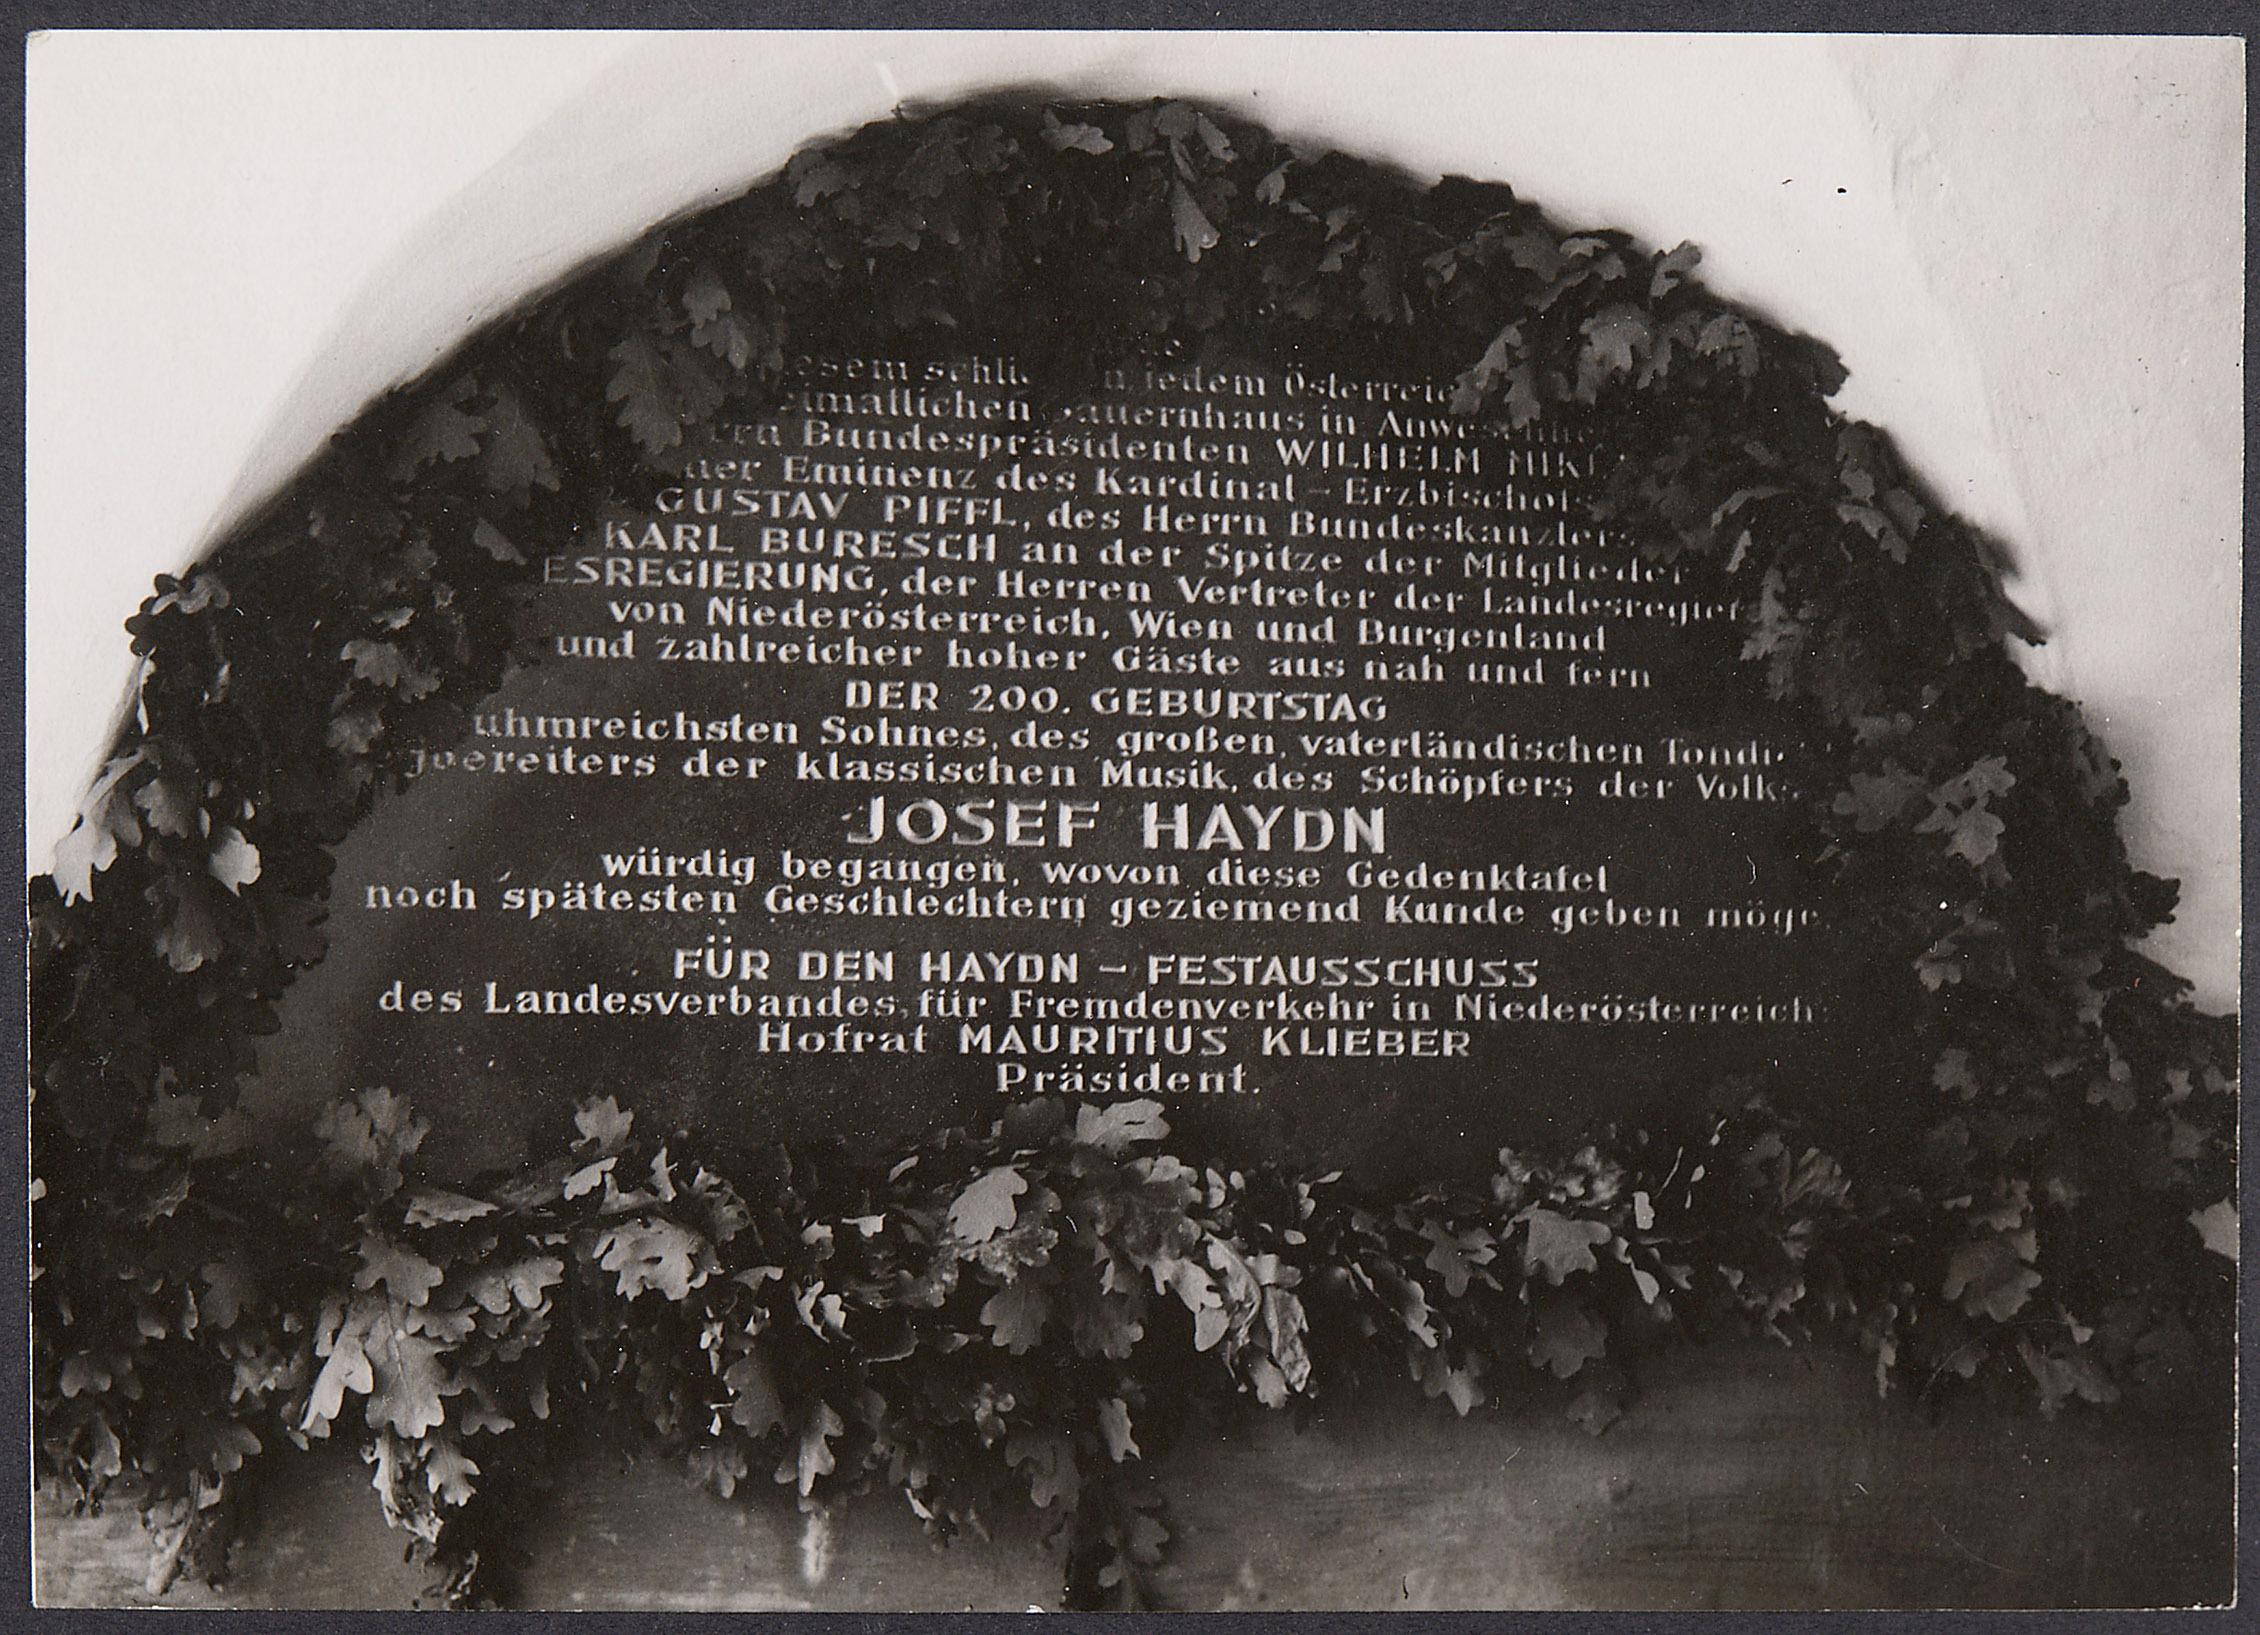 Joseph Haydn von Atelier Willinger, Wien